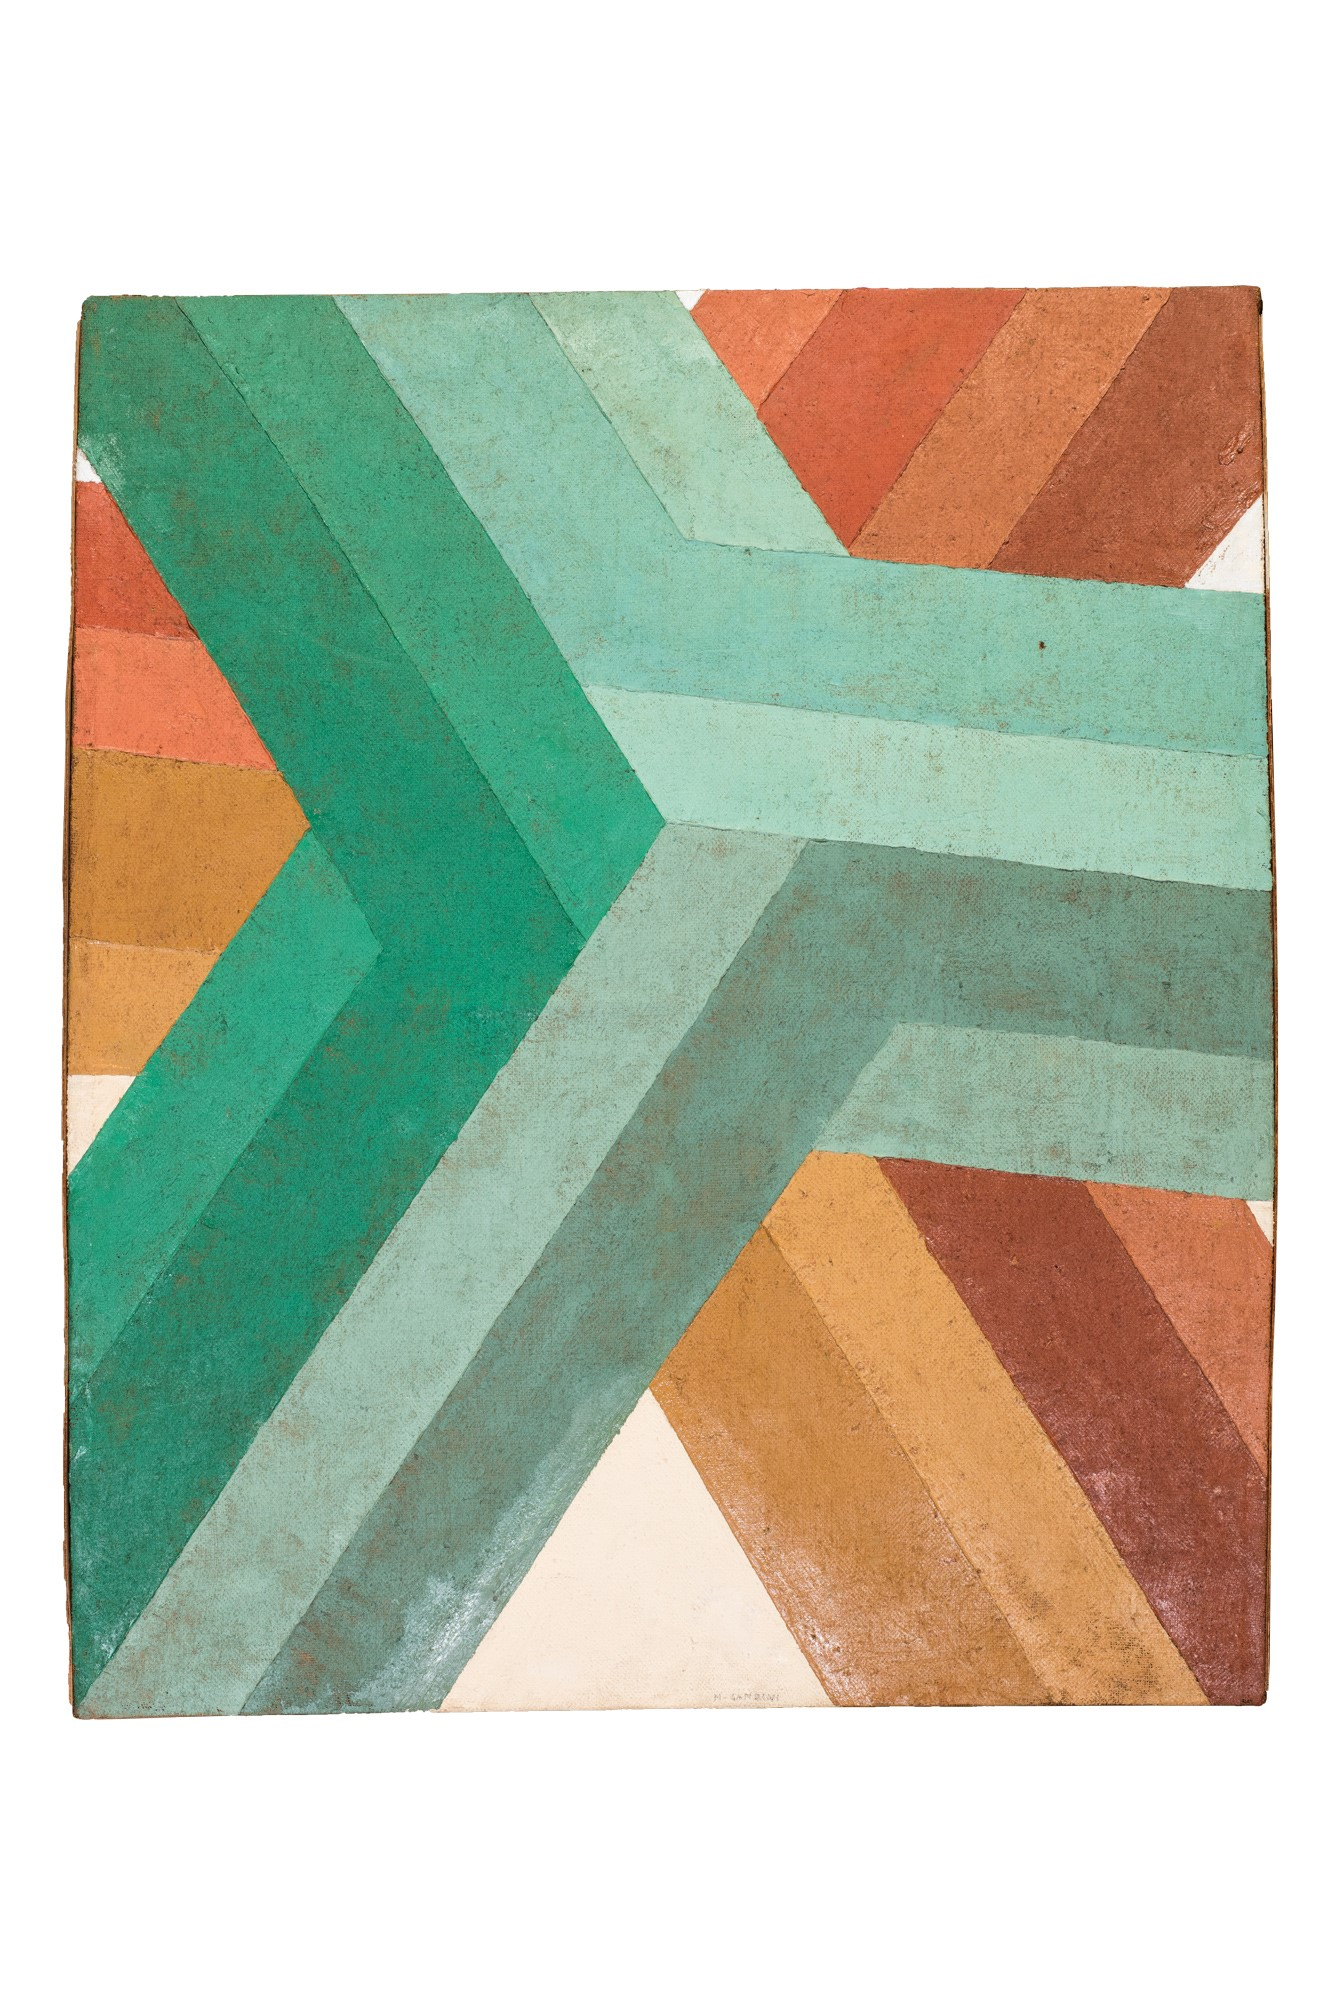 Senza titolo, 1965